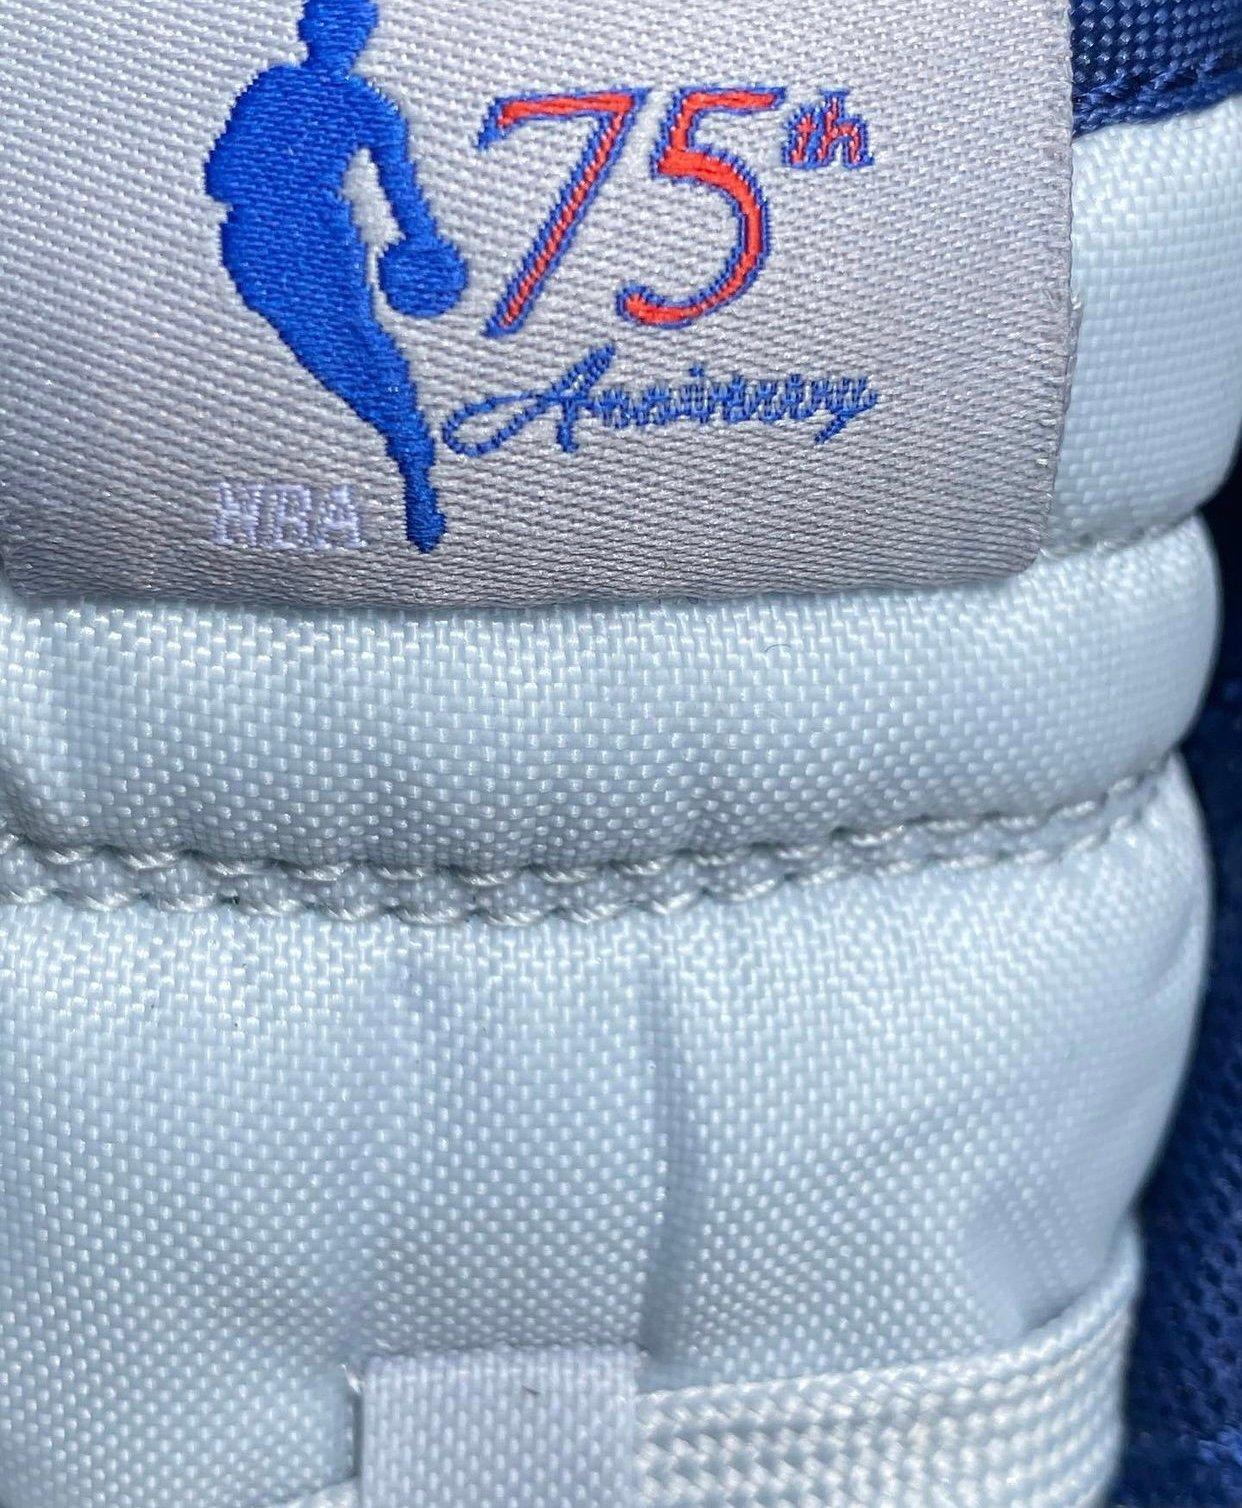 NBA Nike Dunk Low Brooklyn Nets Release Date Info